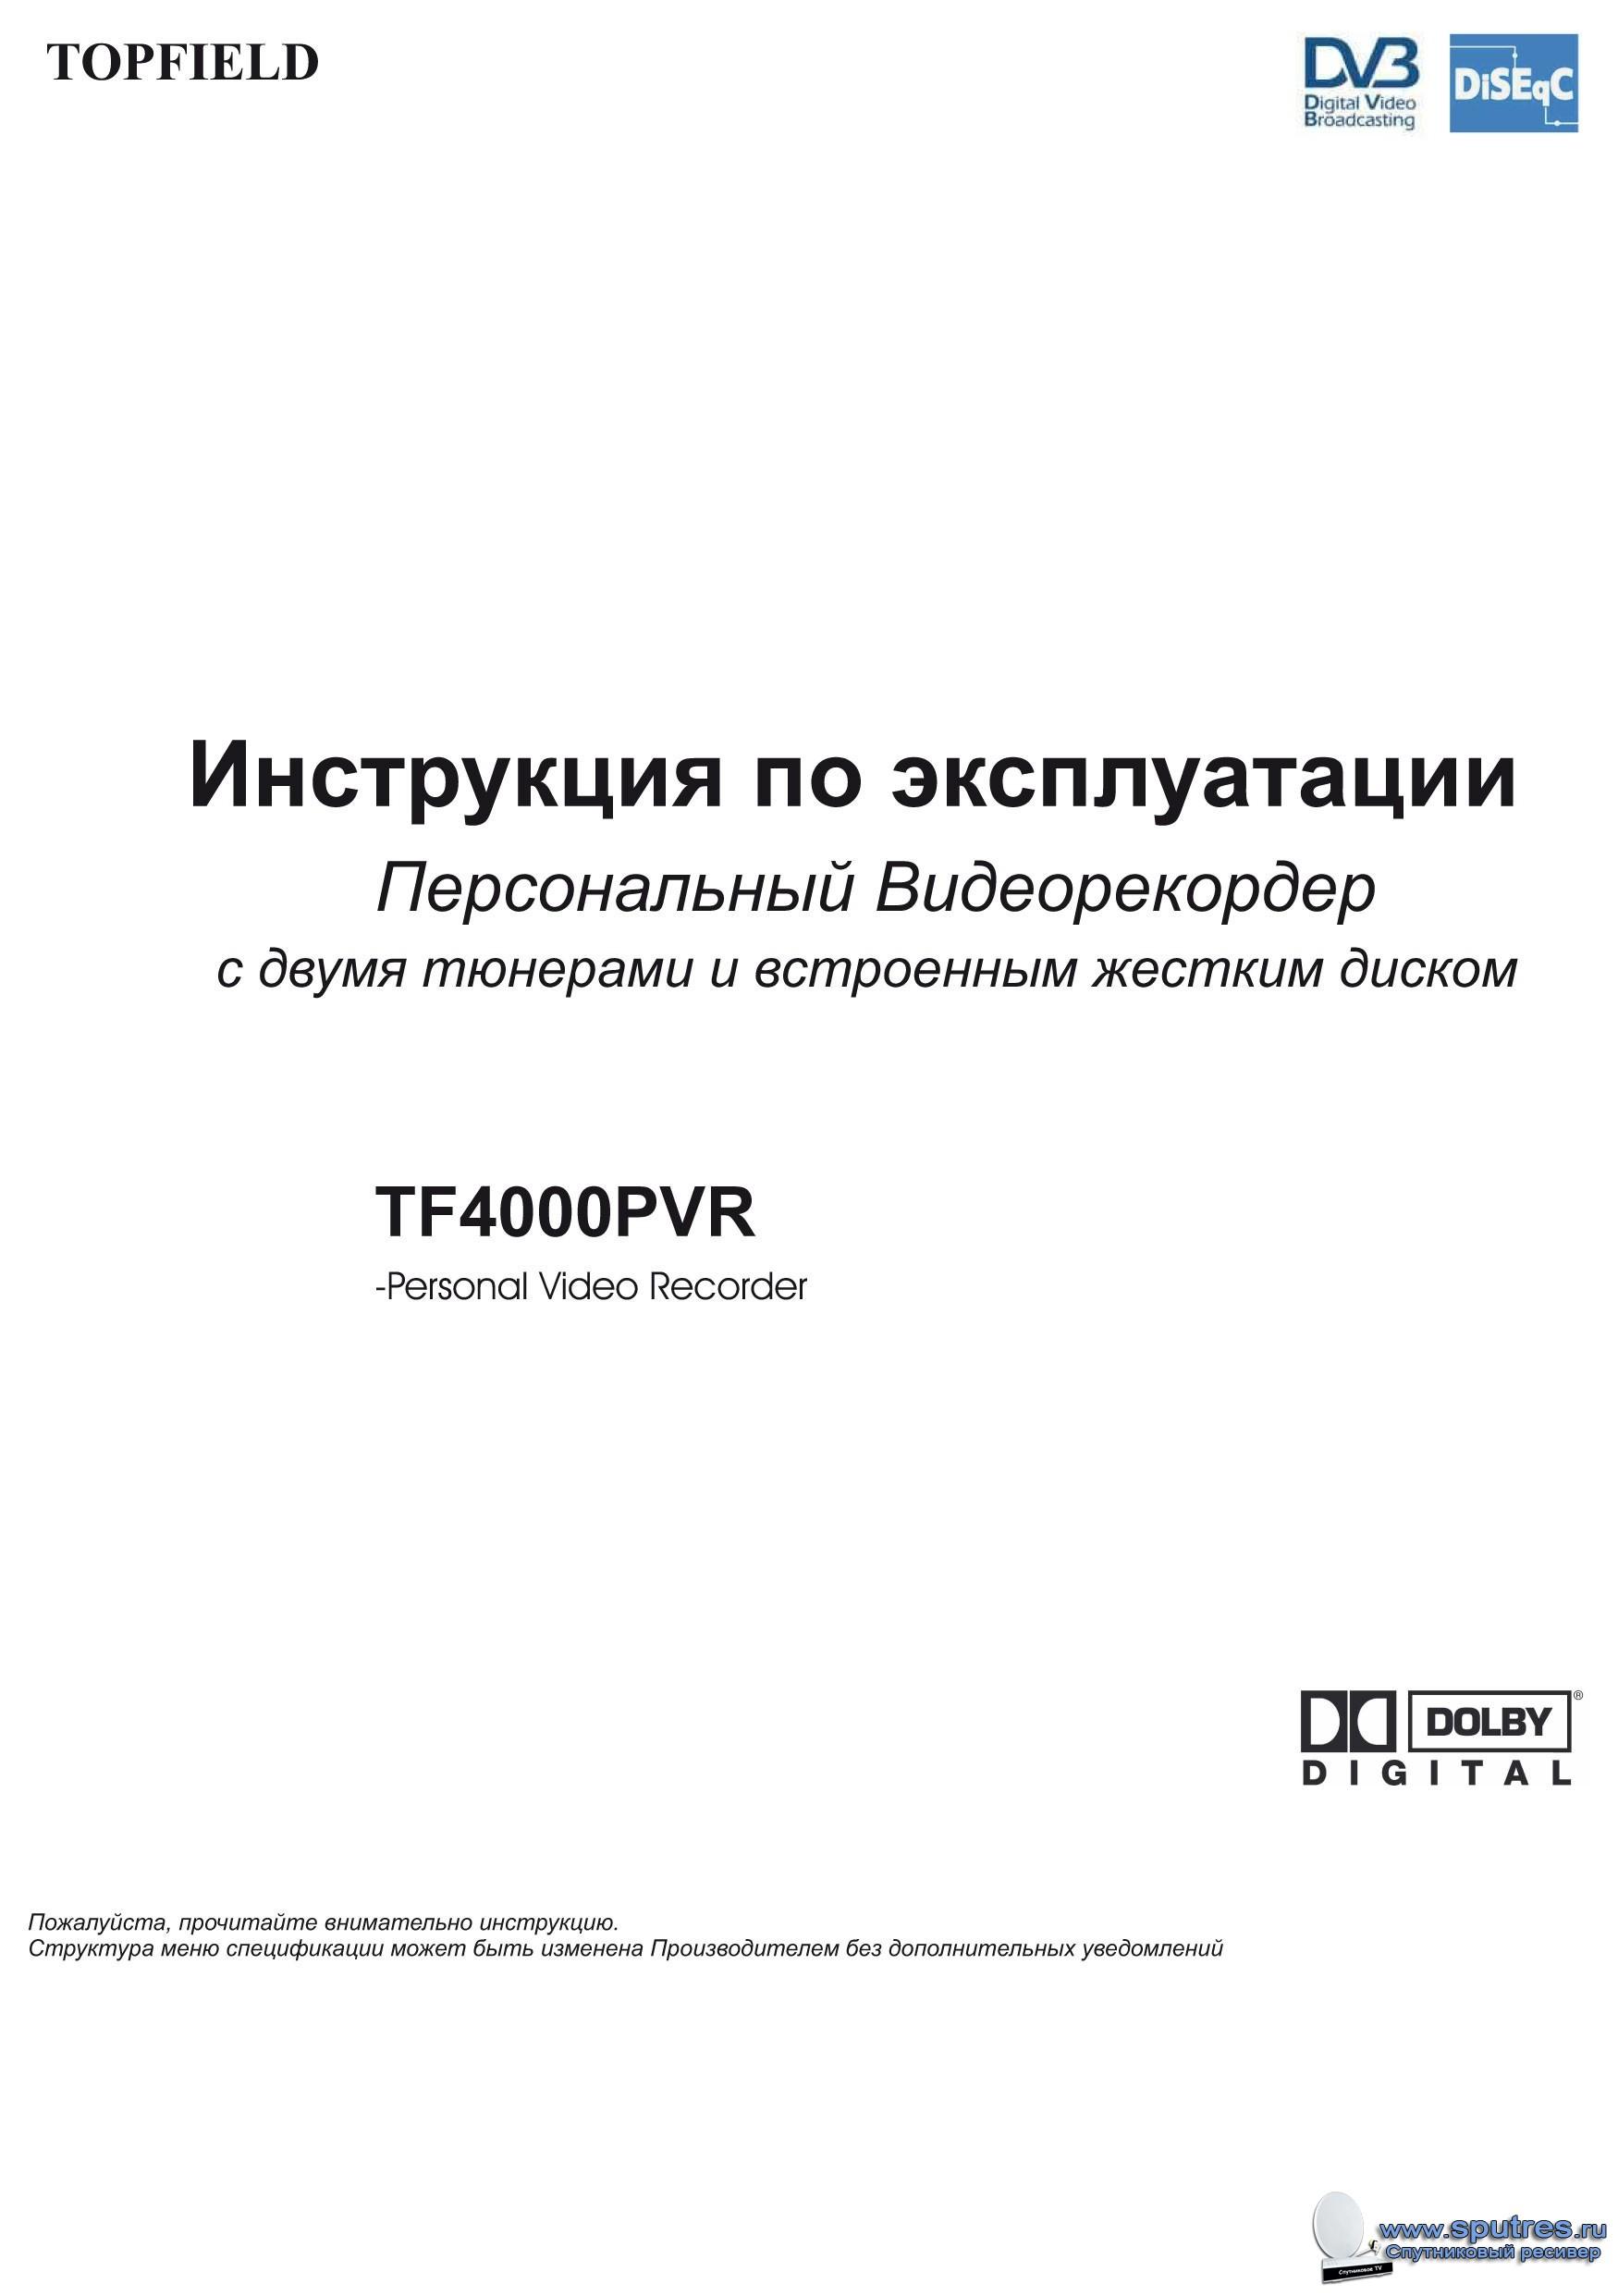 инструкция для тюнера star track galaxy 1 hd на русском языке